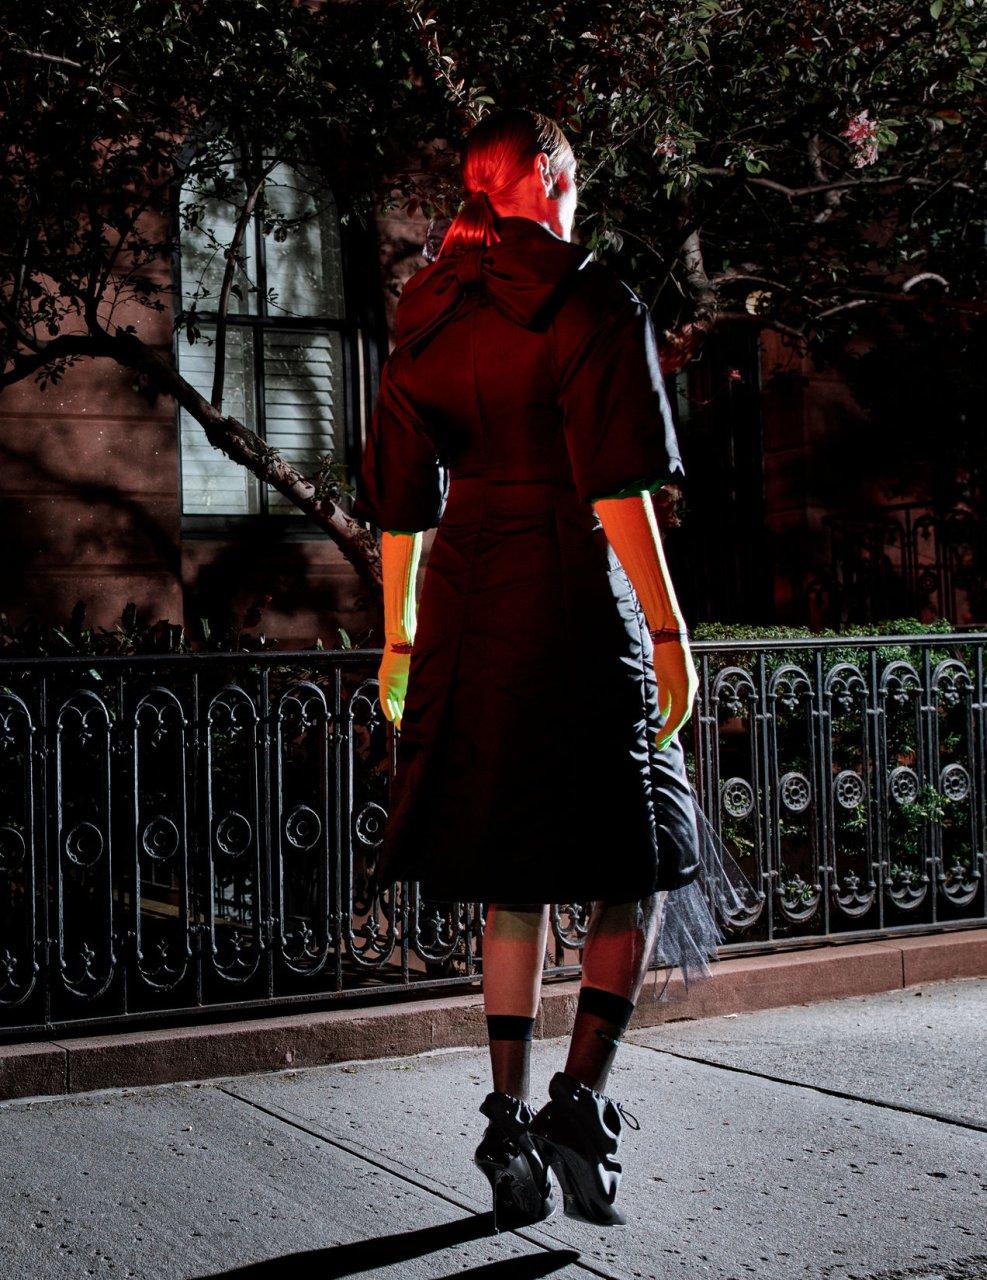 Uma-Thurman-Sexy-TheFappeningBlog.com-7.jpg